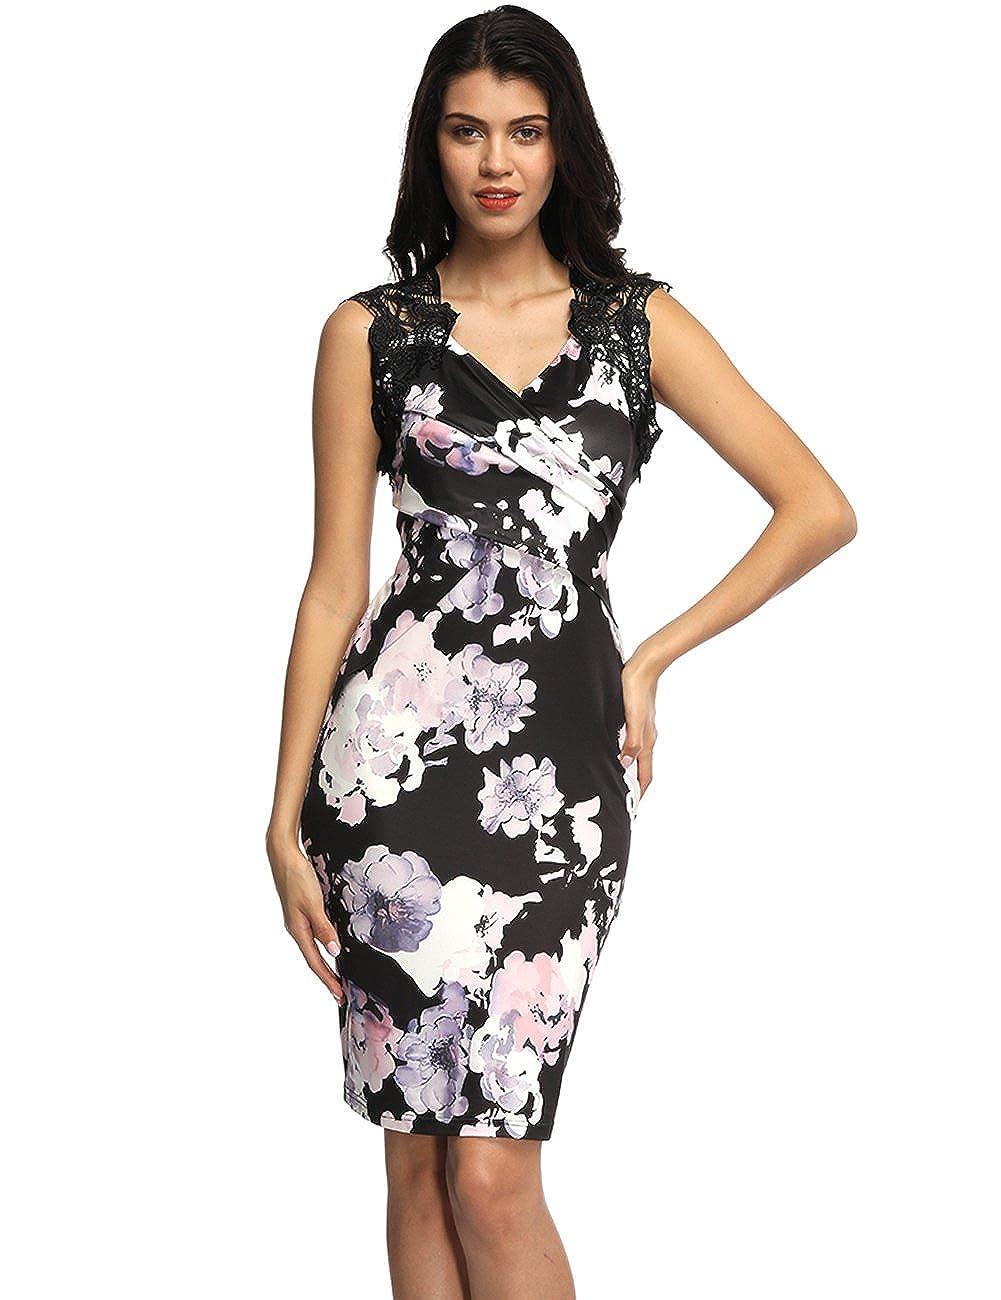 de042fc9570dc8 Top 10 wholesale Lace Up V Neck - Chinabrands.com